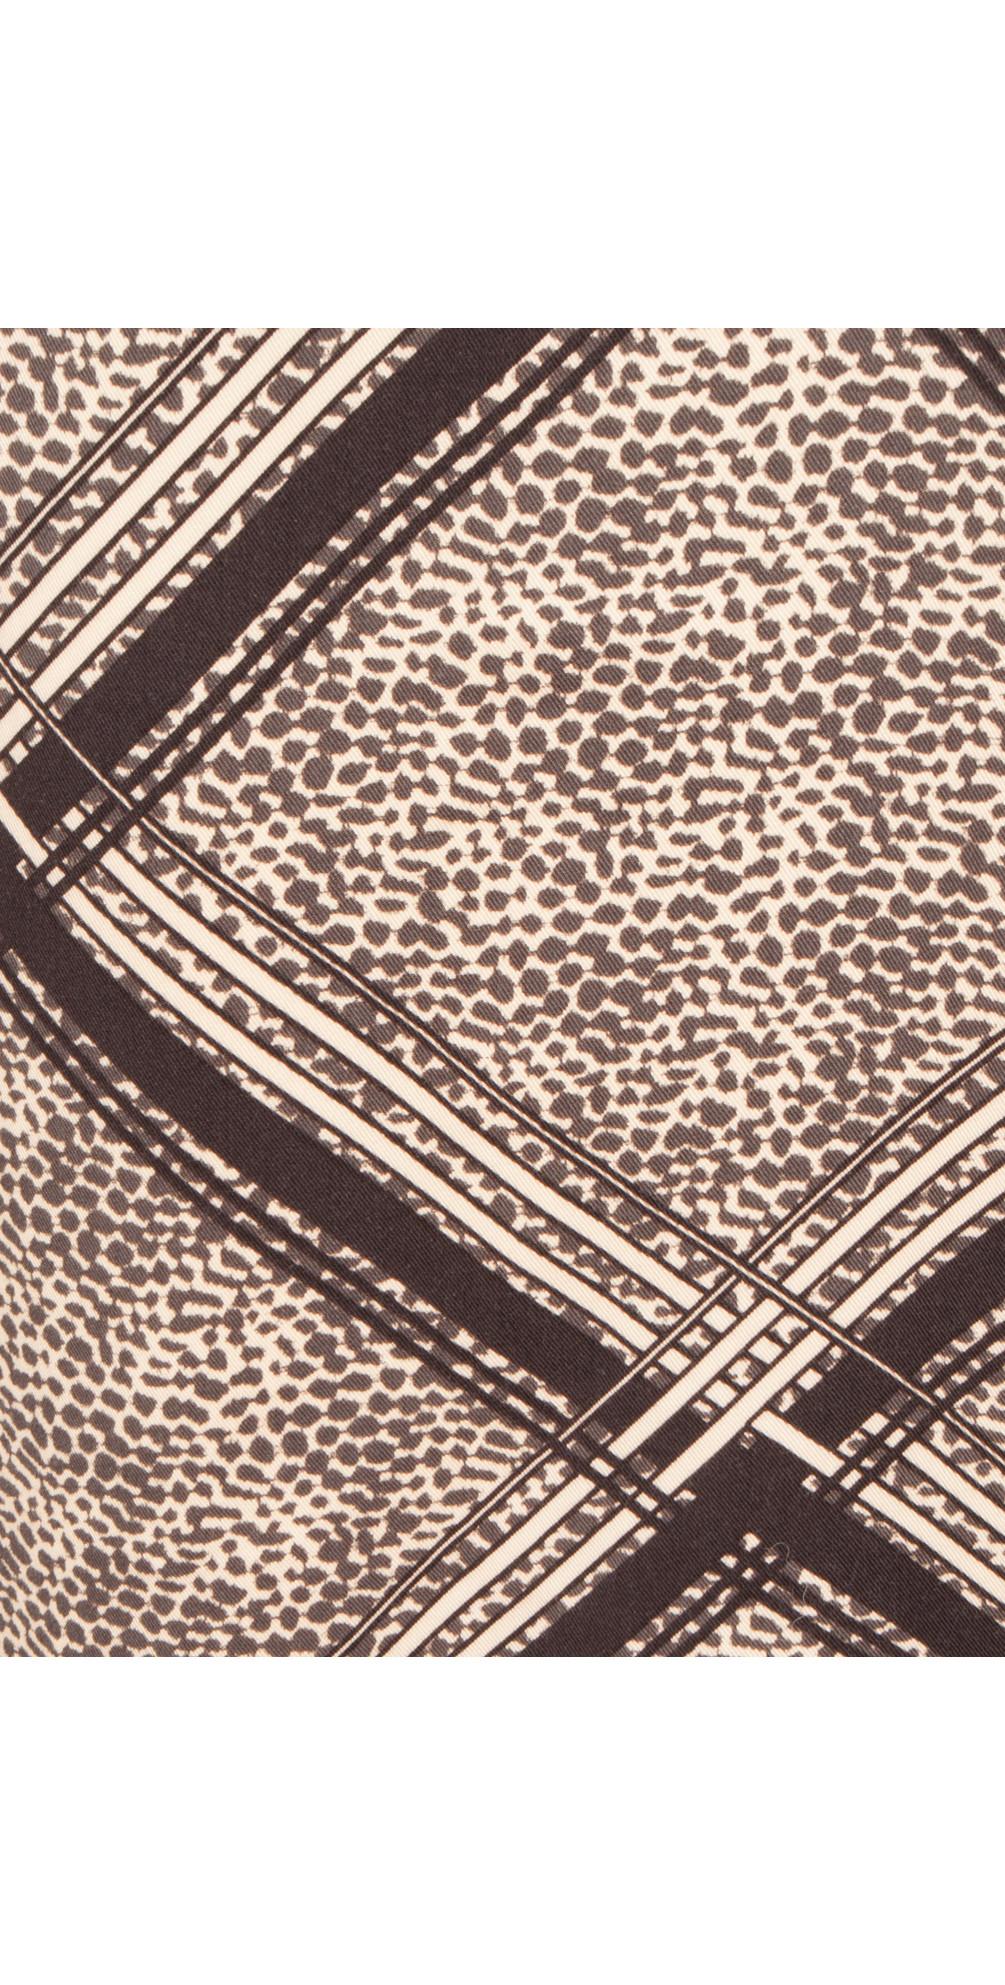 Animal Check Print Dress main image